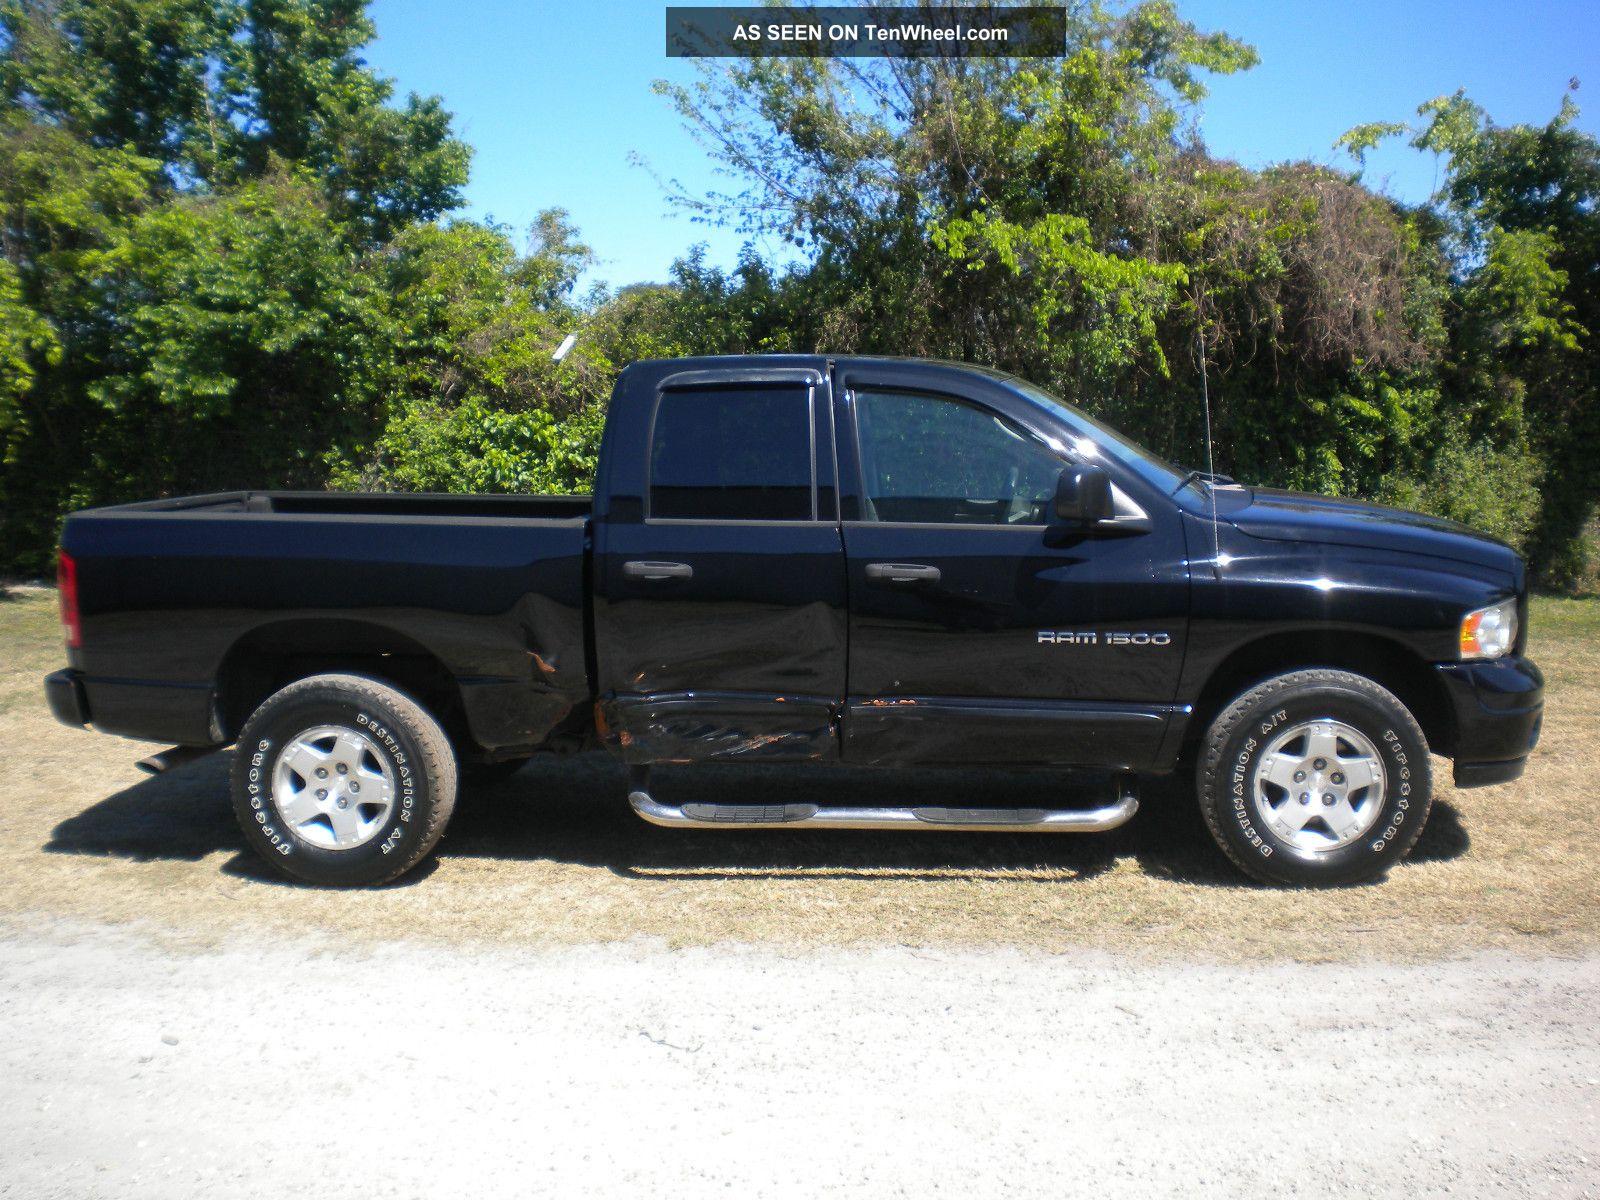 2004 Dodge Ram 1500 Magnum V8. 4x4 Repairable